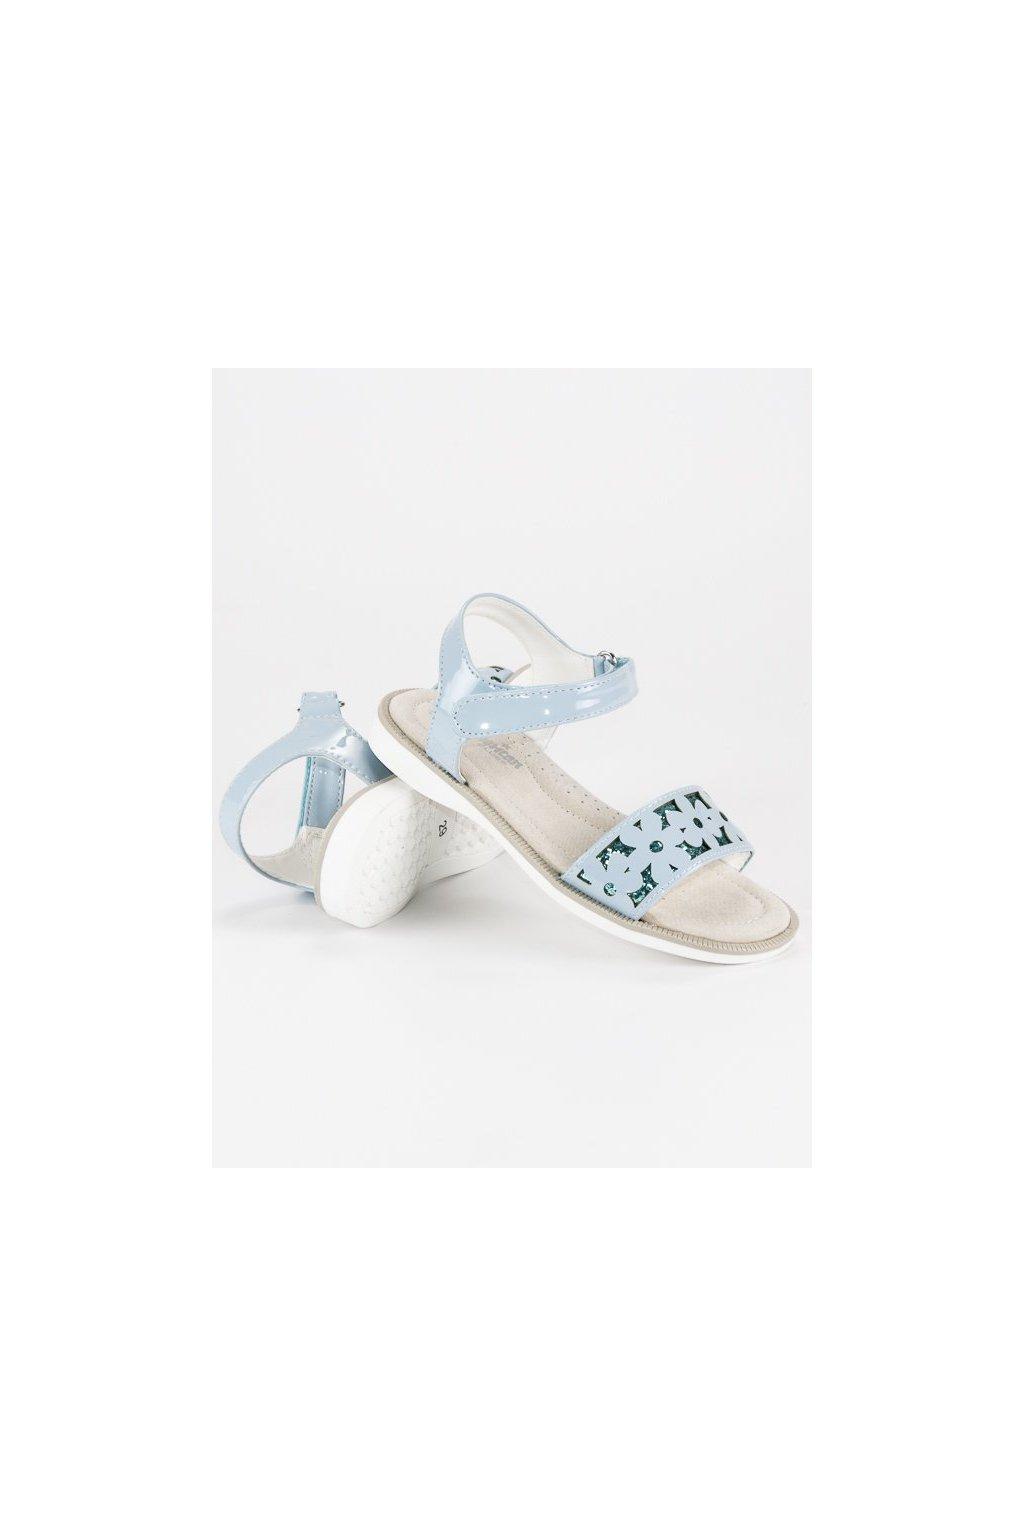 Modré detské sandále NJSK G-D11201B-A1LT.BL